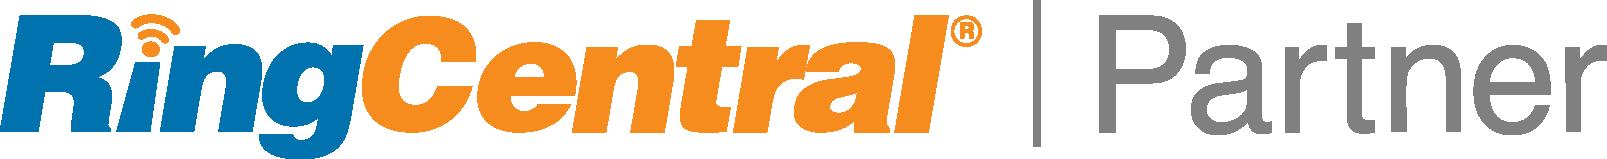 RC_Partner_logo_2014 (7).png